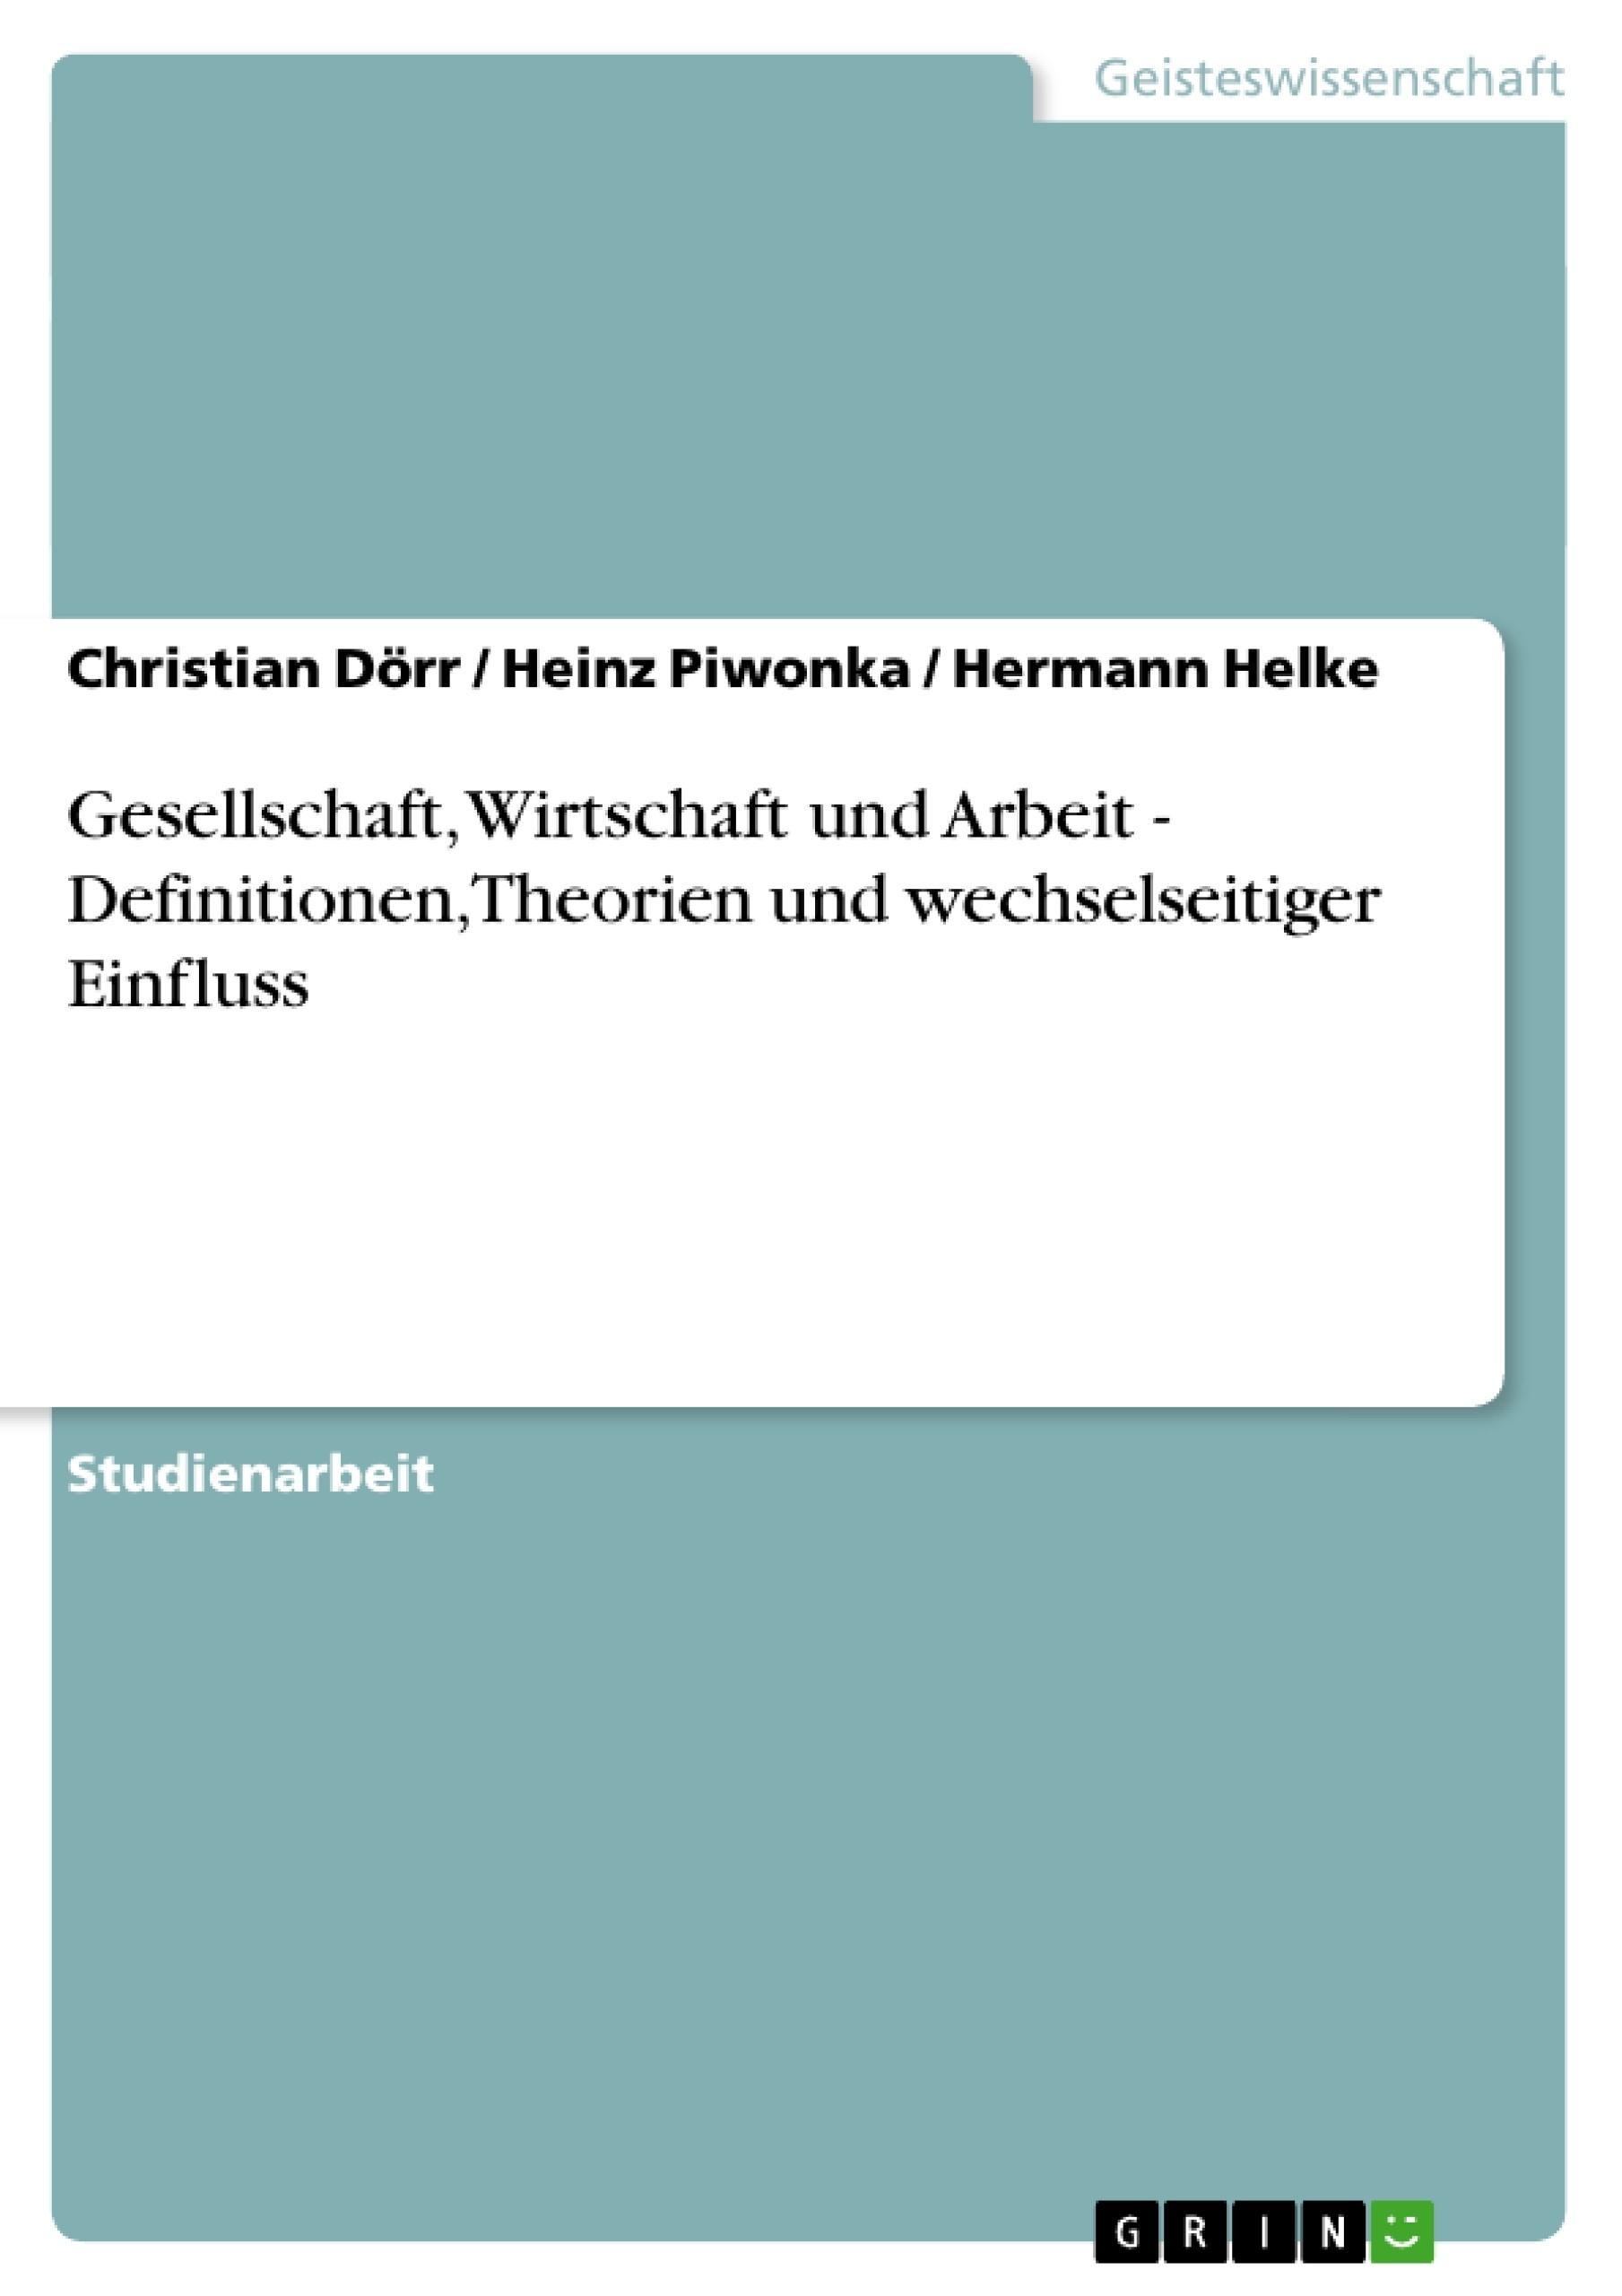 Titel: Gesellschaft, Wirtschaft und Arbeit -  Definitionen, Theorien und wechselseitiger Einfluss